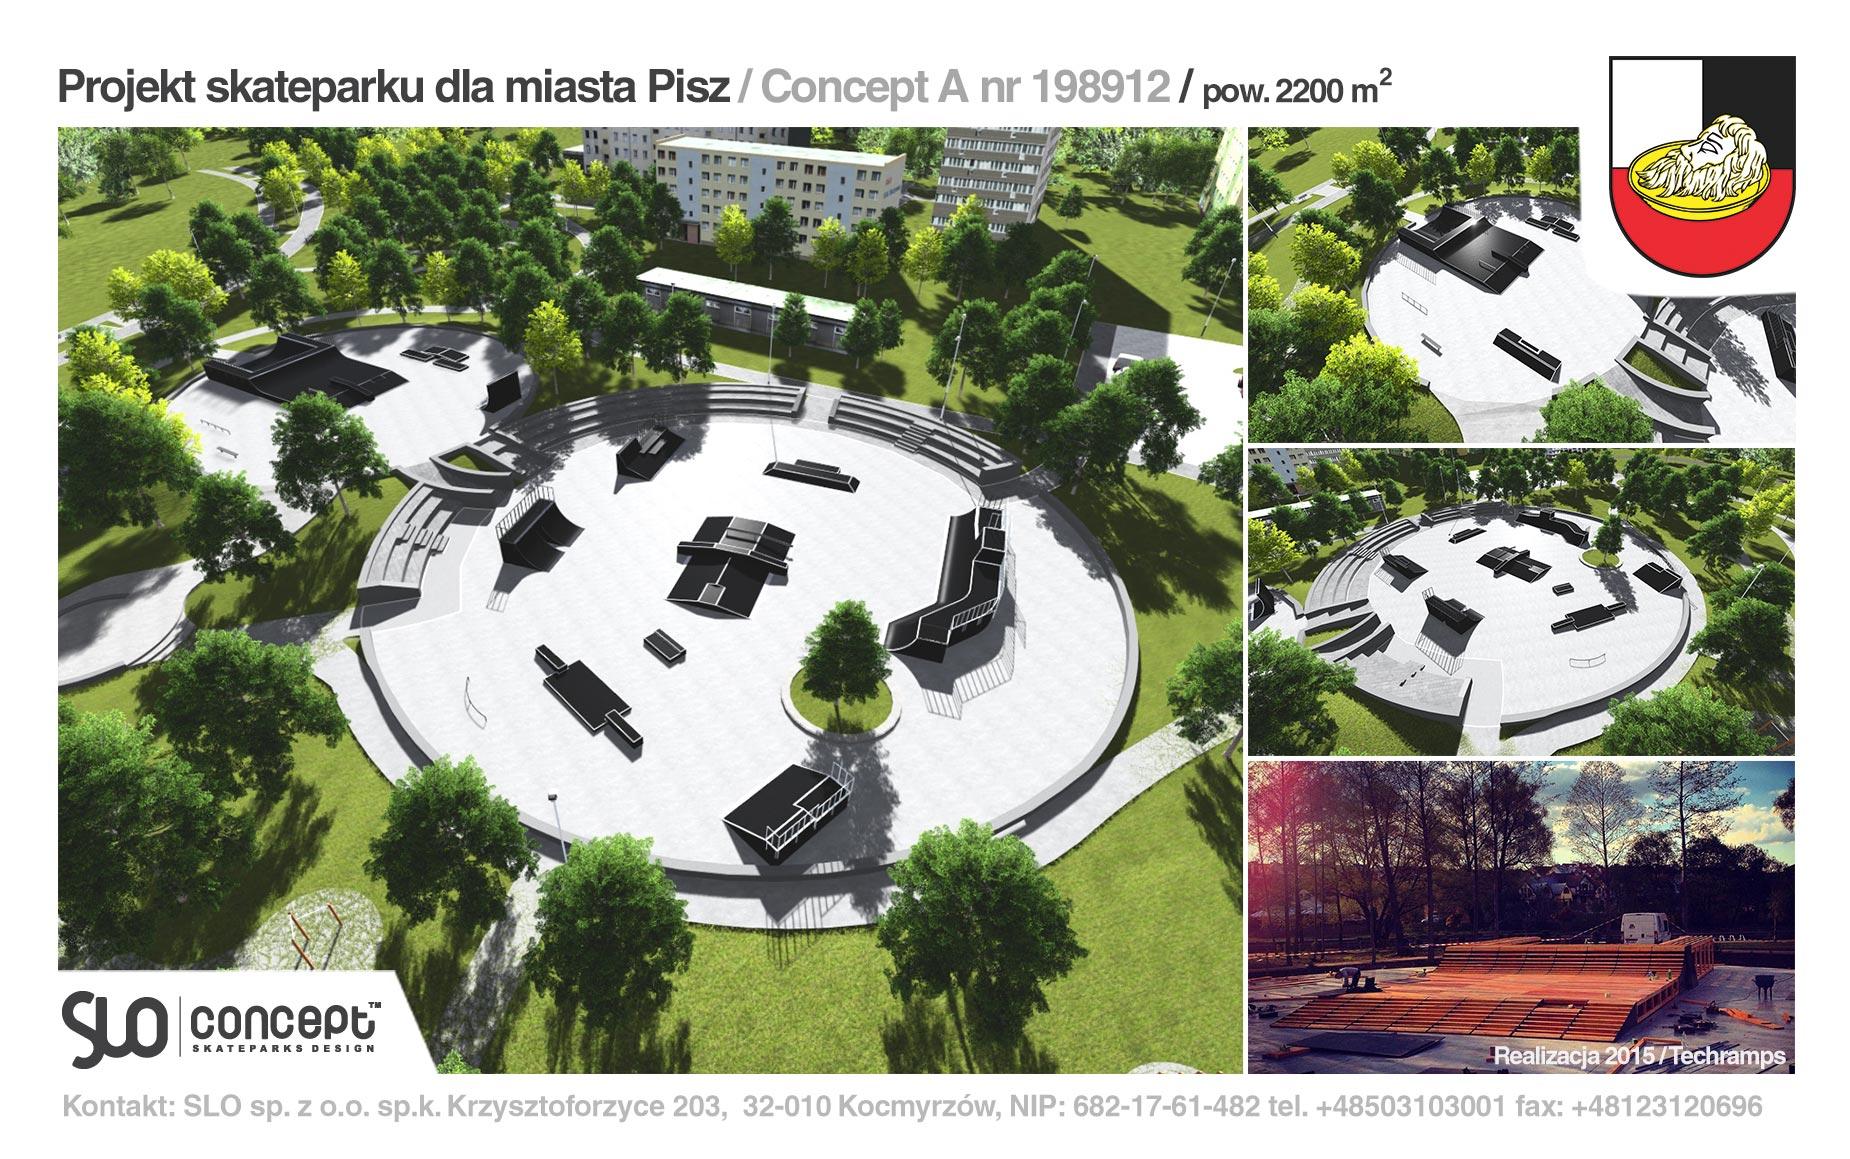 Projekt koncepcyjny skateparku w Piszu